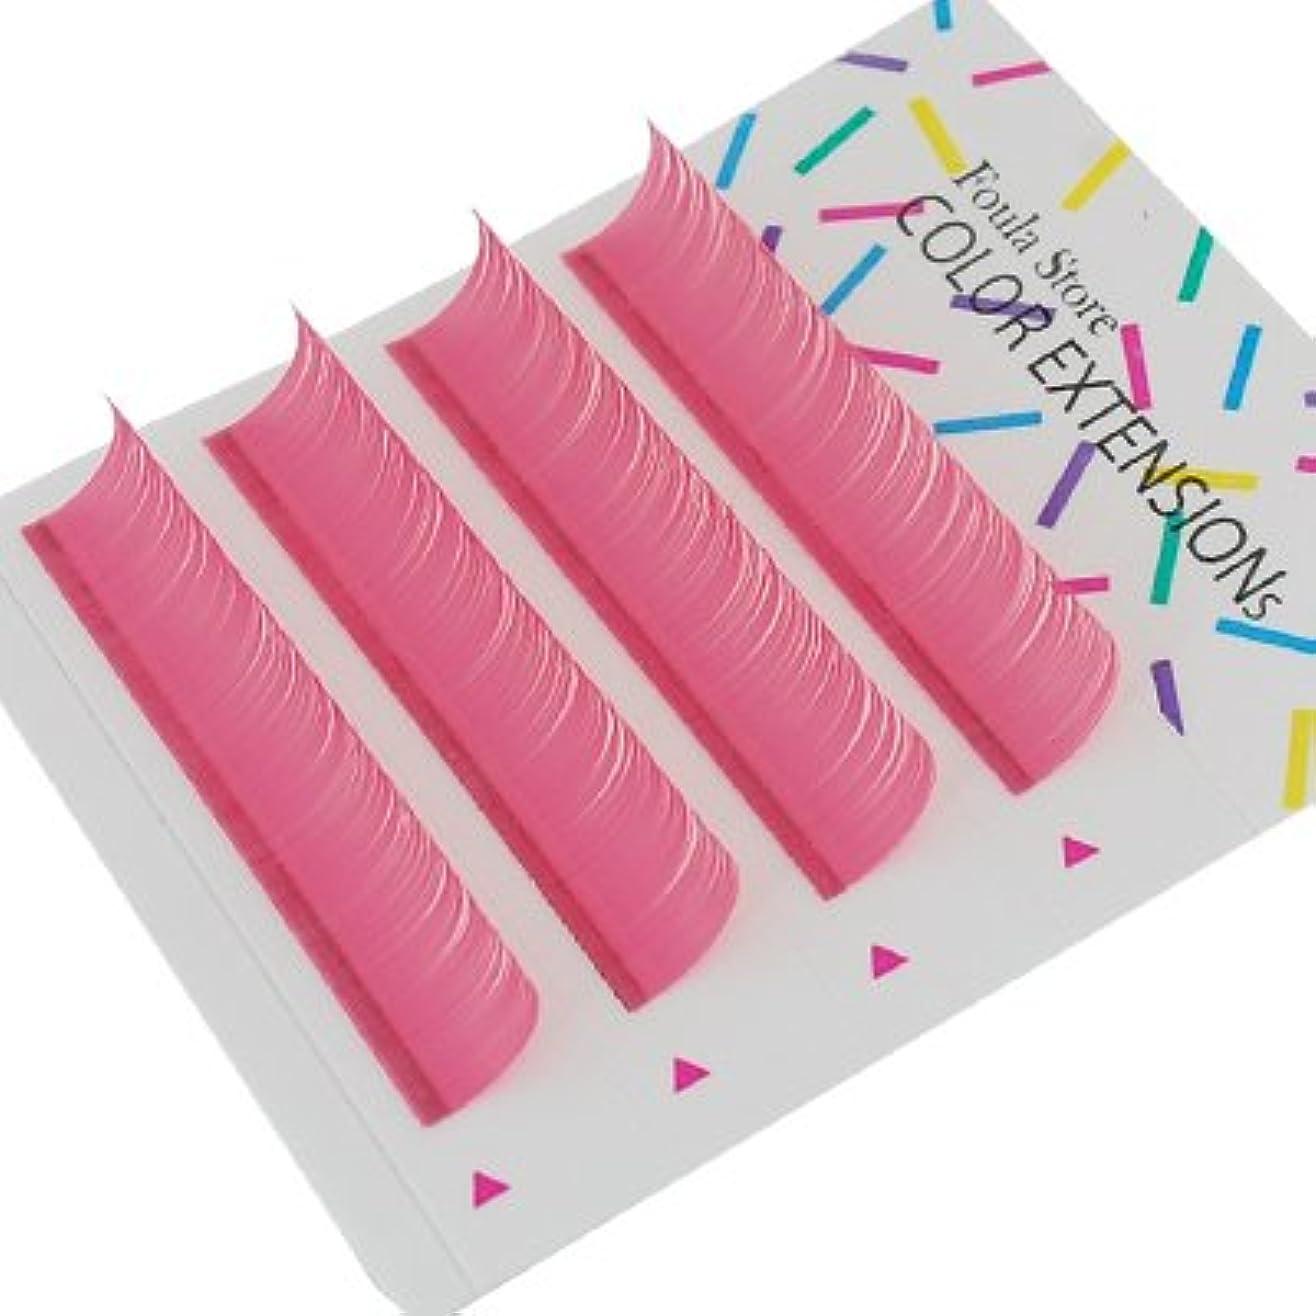 食料品店レース唇【Foula】カラーエクステ 4列シート ピンク Cカール 0.10mm×13mm